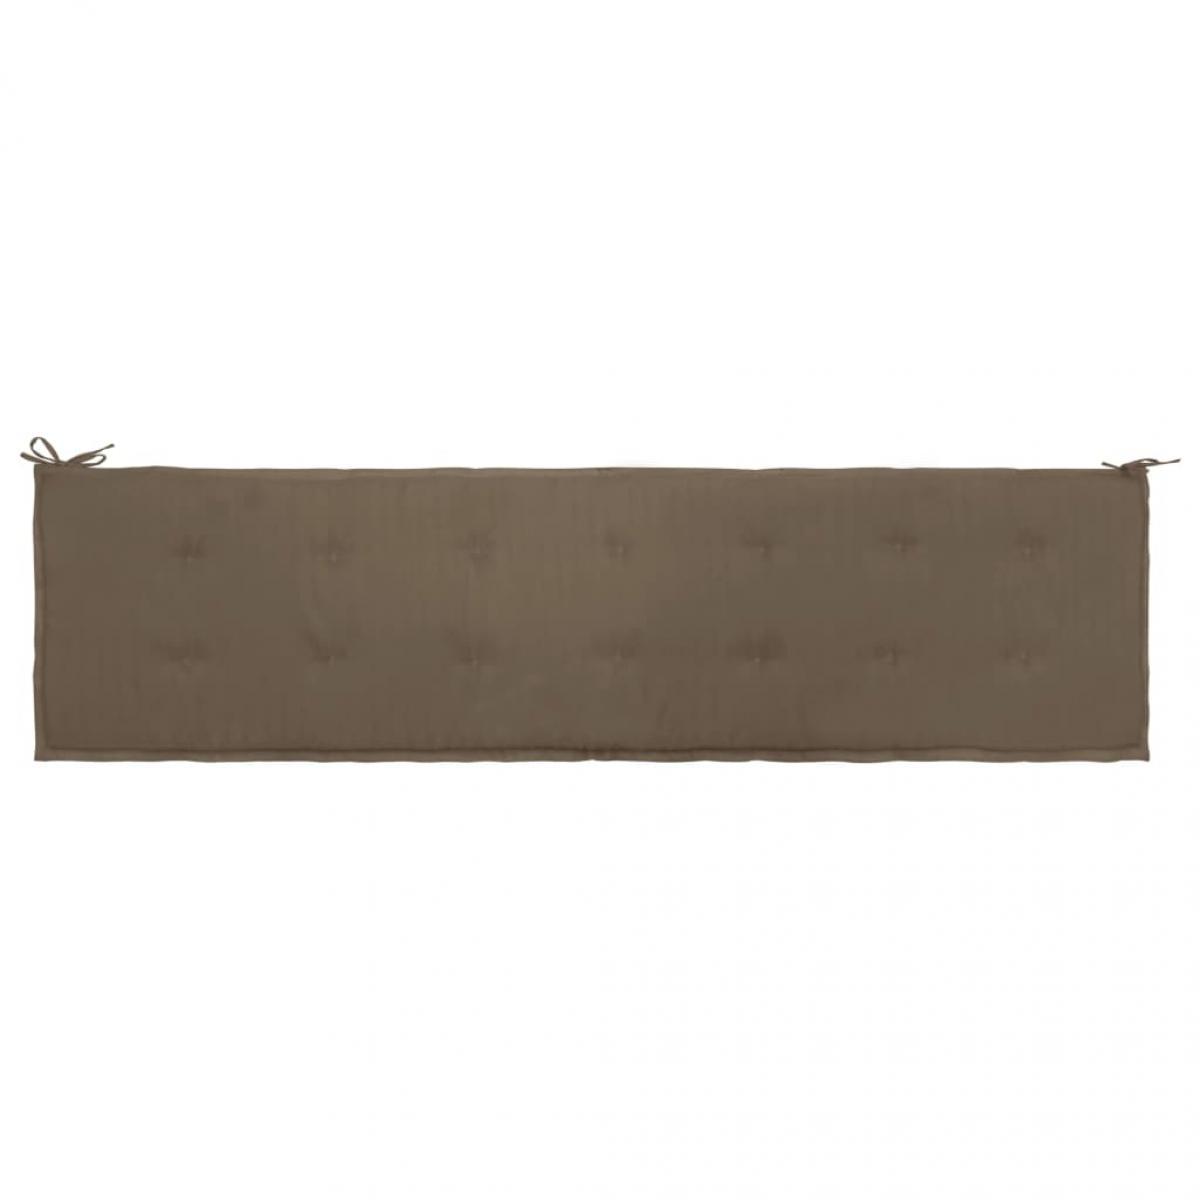 Decoshop26 Coussin de banc de jardin 100 % polyester imperméable taupe 200 x 50 x 3 cm DEC021742